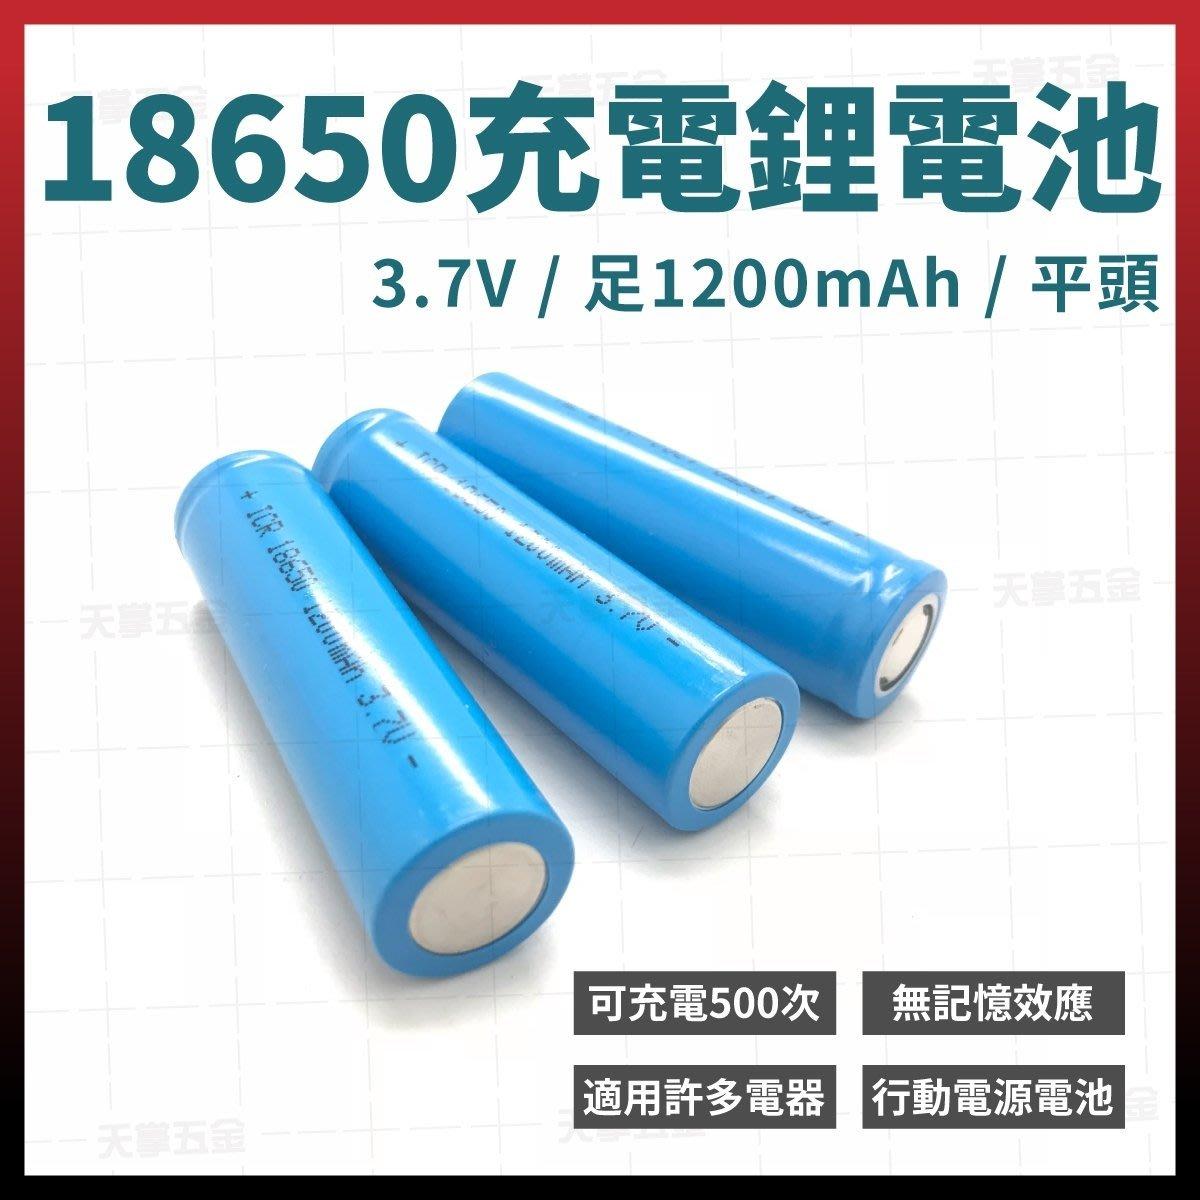 18650 鋰電池 3.7V 平頭 足 強光手電筒 充電鋰電池 充電頭燈 充電電扇 [天掌五金]